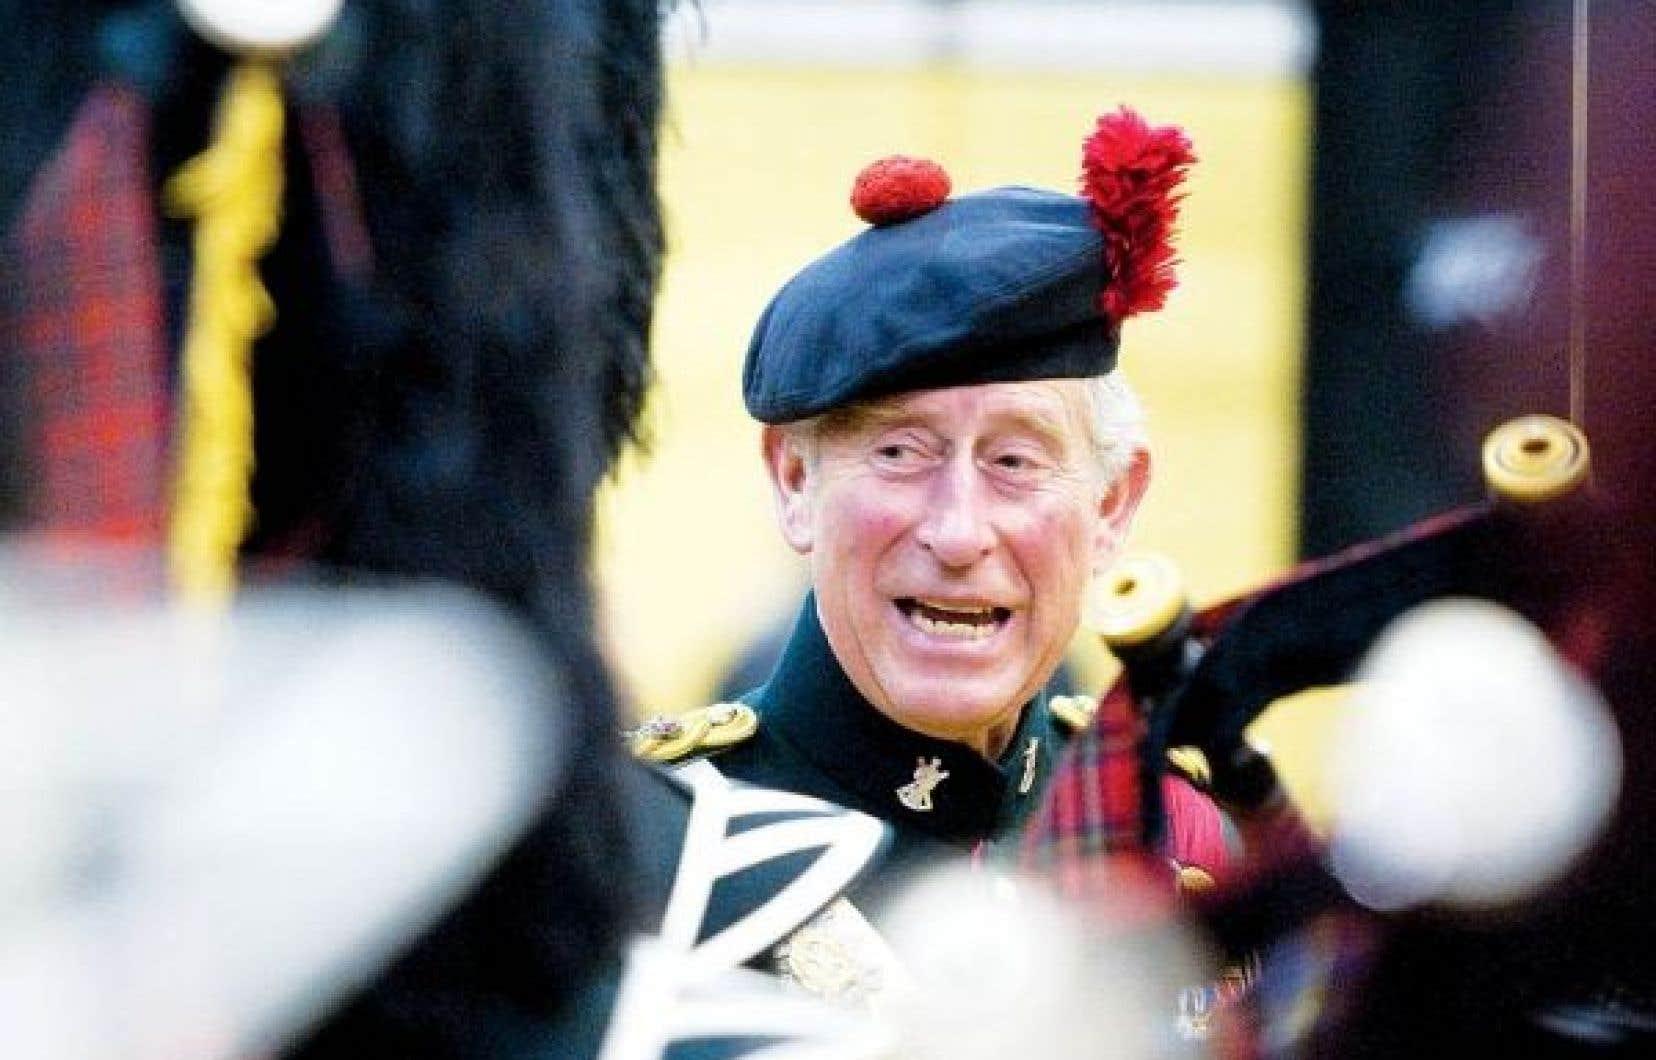 Le prince Charles, héritier de la couronne, ici dans son rôle de colonel en chef du régiment canadien des Black Watch. Selon la hiérarchie royale, Charles doit devenir le prochain roi du Canada.